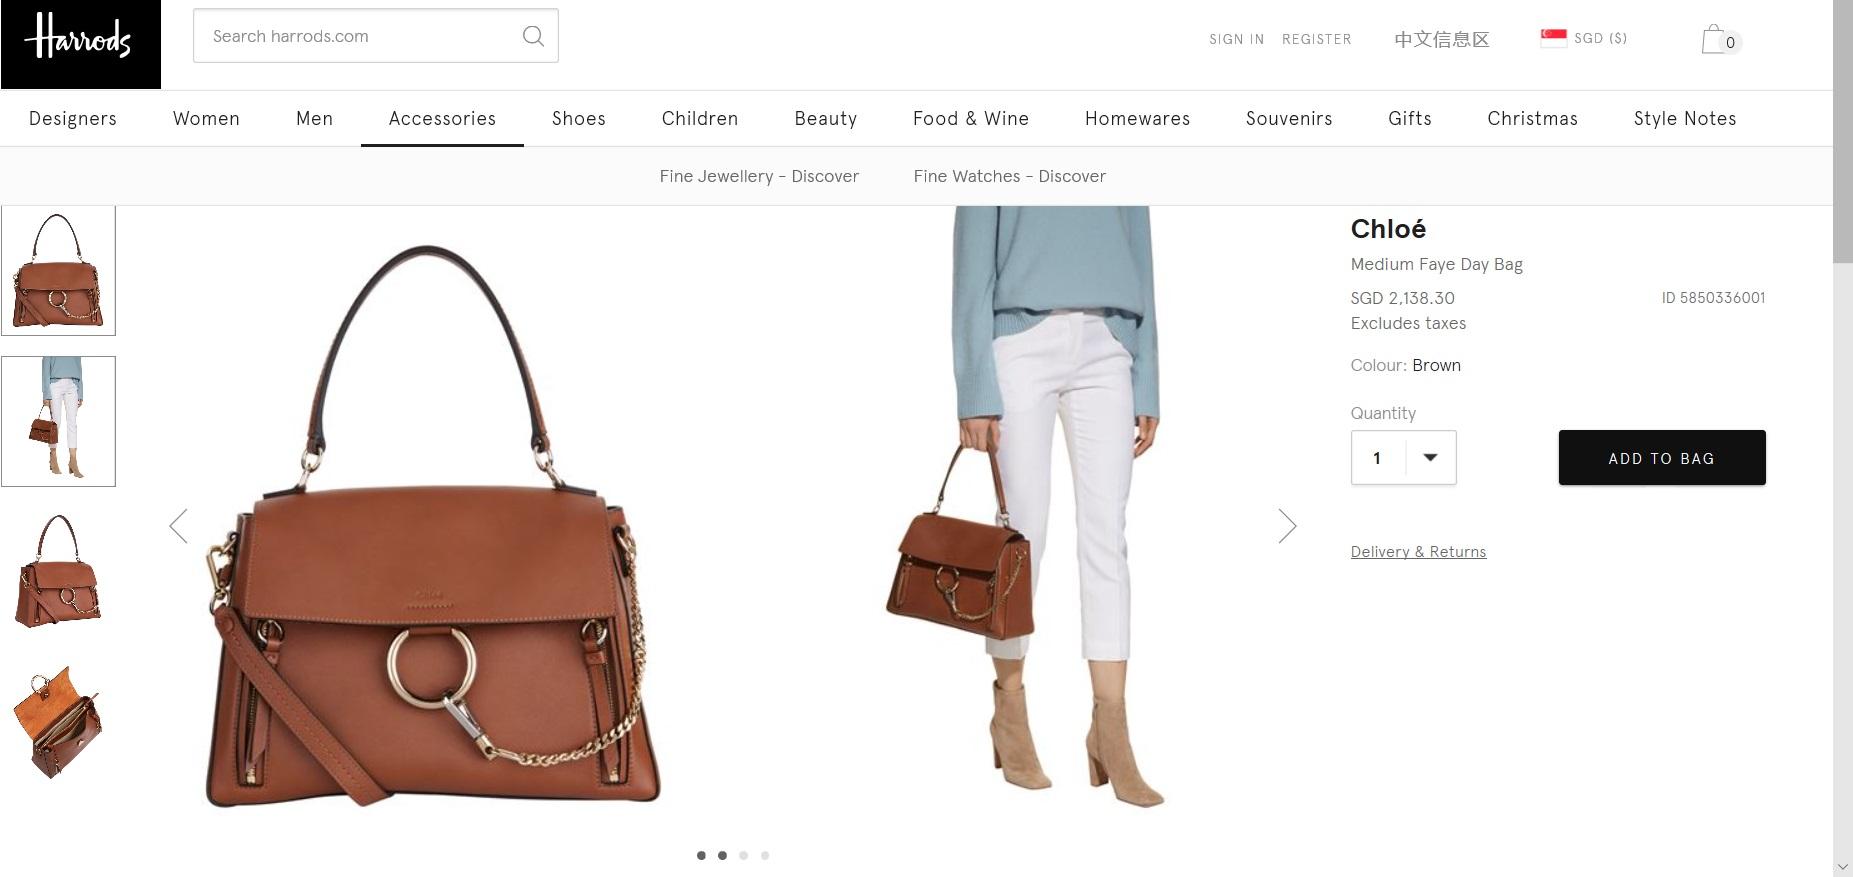 Product description of a women s bag.